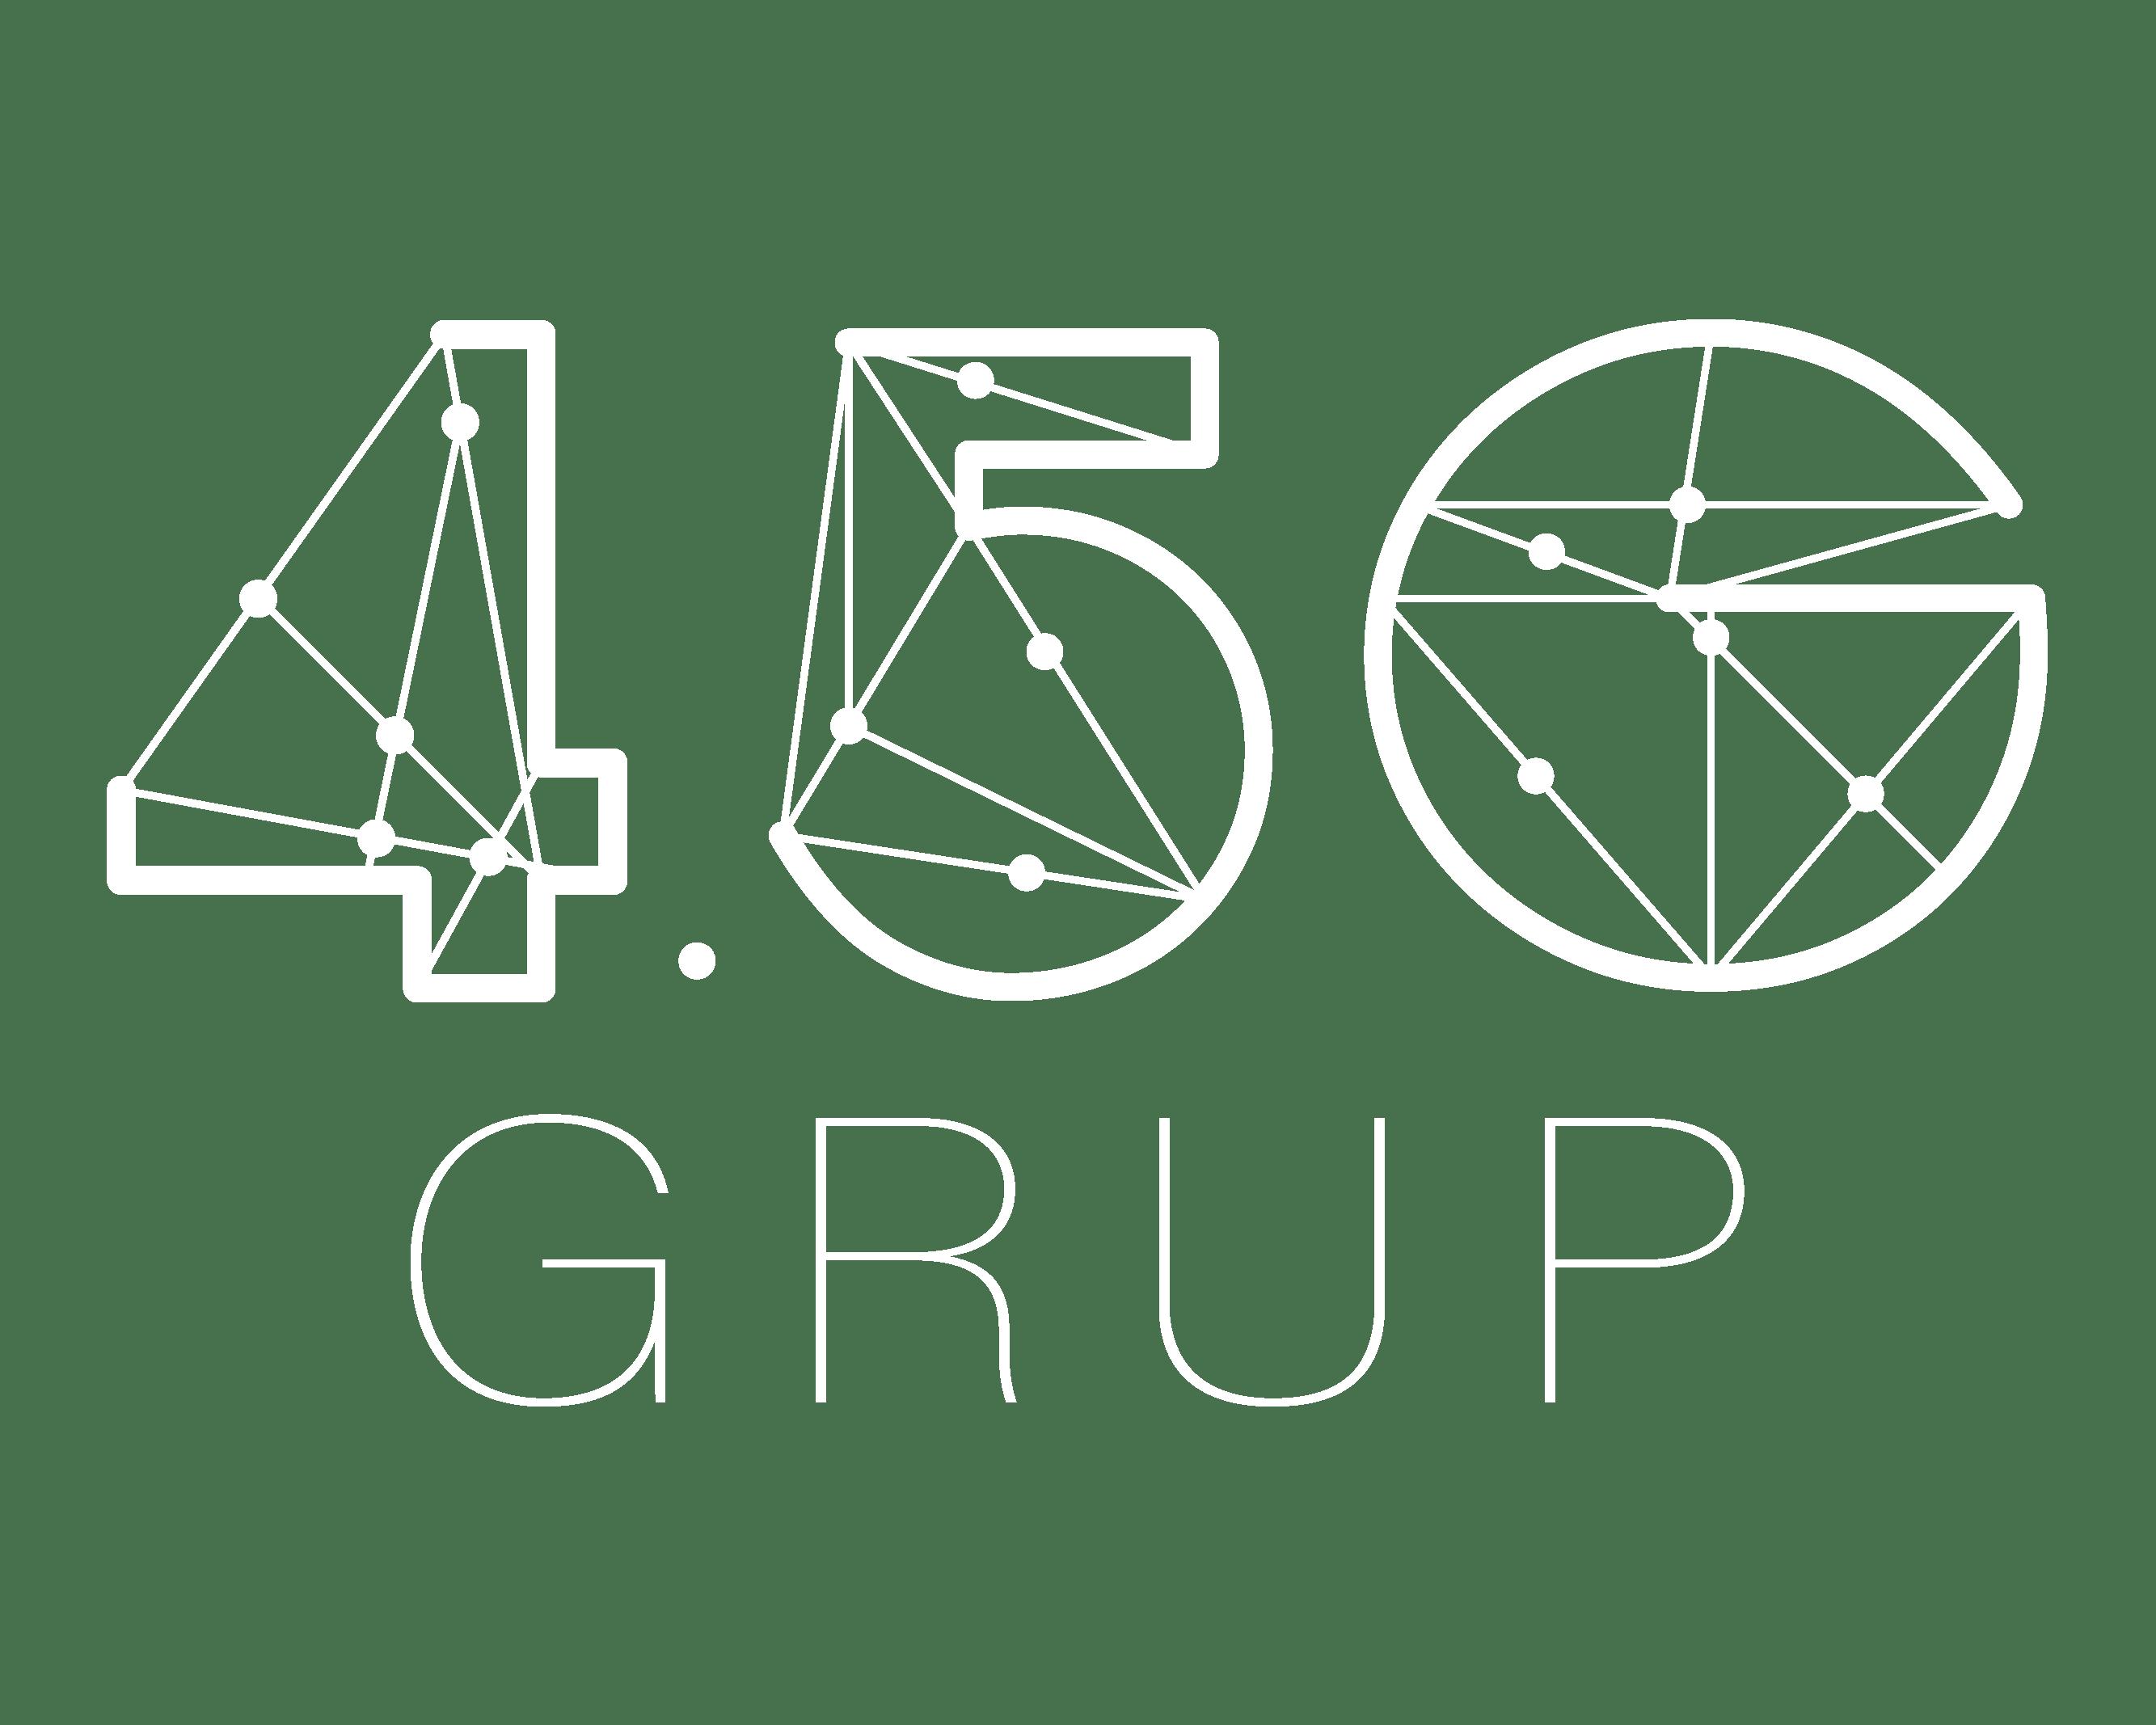 45G_Grup_Logo_Beyaz.png